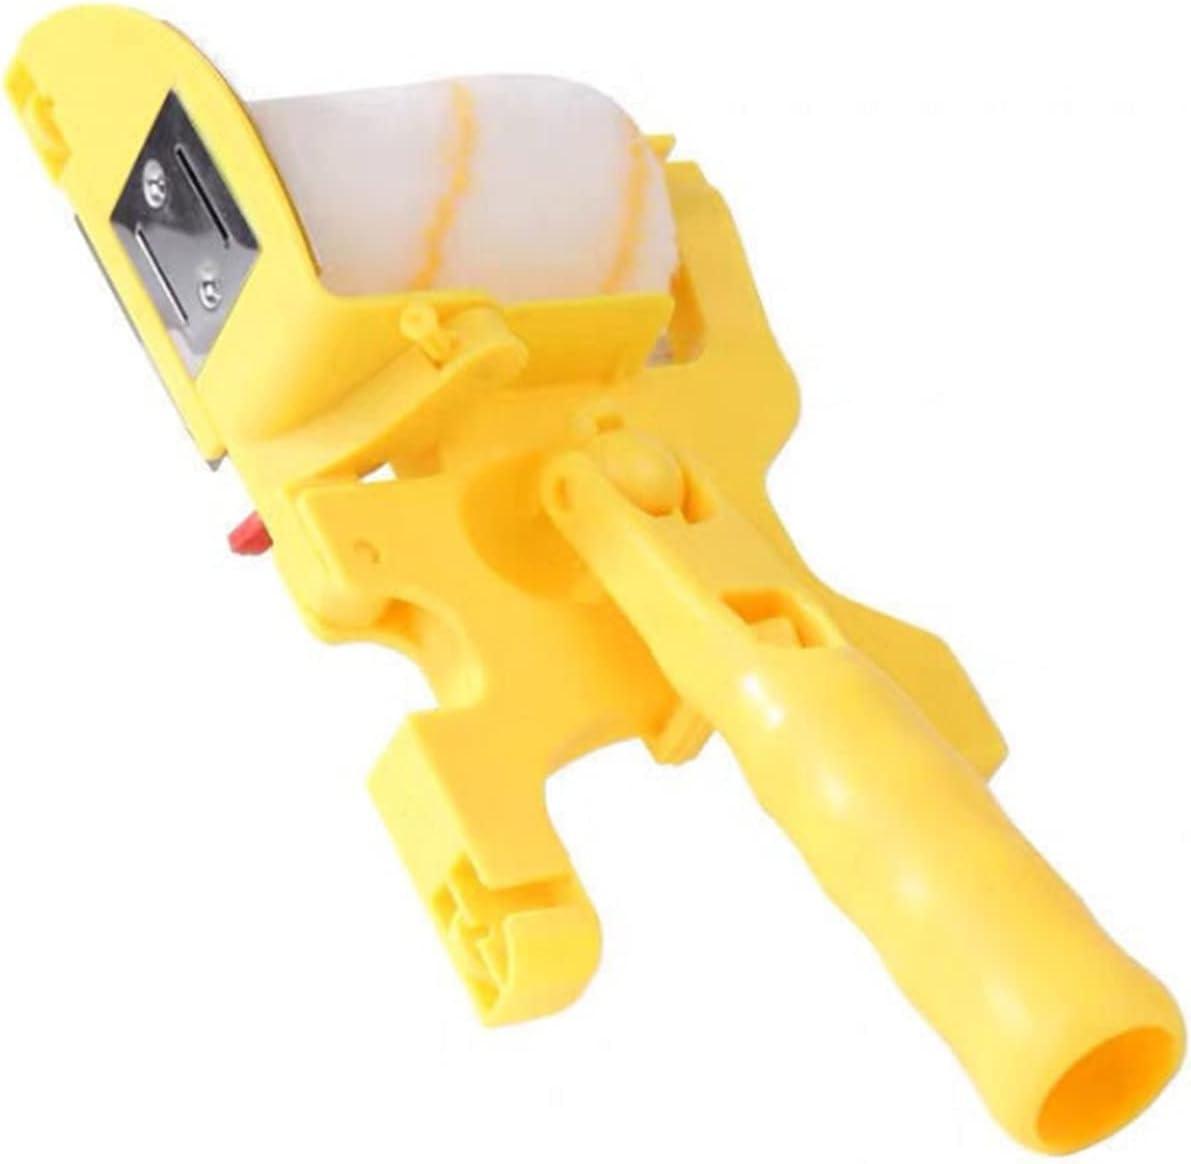 shuaike Pintura Edger Roller Brush Kit de Pintura encimeras multifuncionales Cepillos de Rodillos de Mano Conjunto Juego de Madera Ajustable Kit de Borde para el hogar Pintura de Techo de Pared